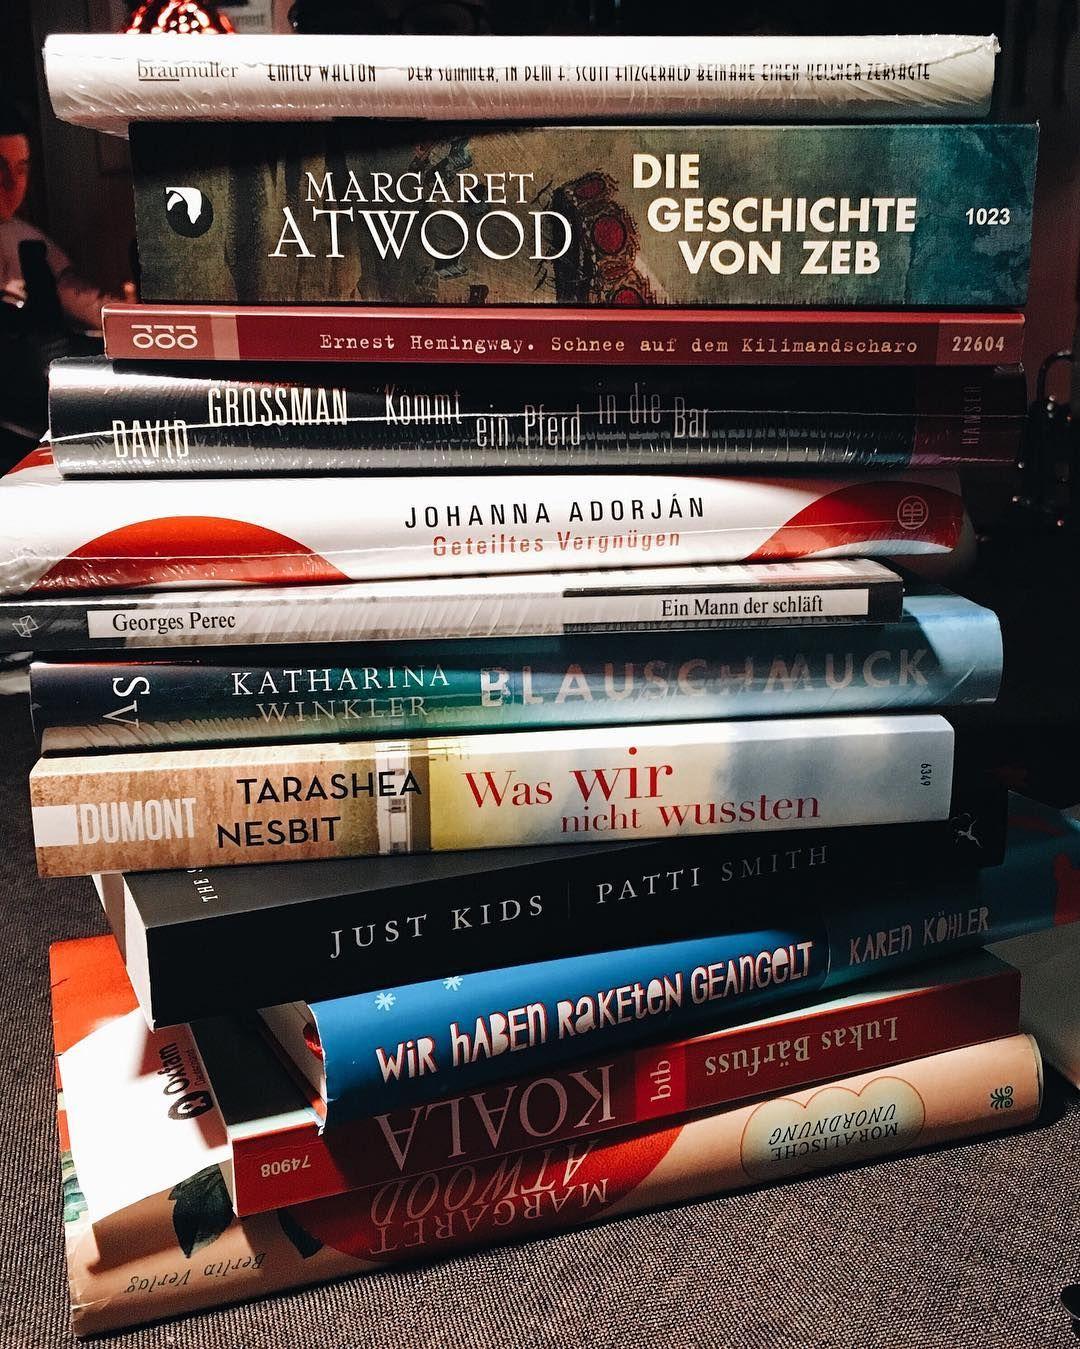 Gestern haben wir wieder einmal einen Teamausflug in die Buchhandlungen Münchens gemacht und einige Schätze gefunden, wie unser Bücherstapel zeigt. Welches der Bücher hättet ihr auch gerne in eurem Regal? 📚 #lbliest #lbshoppt #LBteam #lovelybooks #bücher #bookstagram